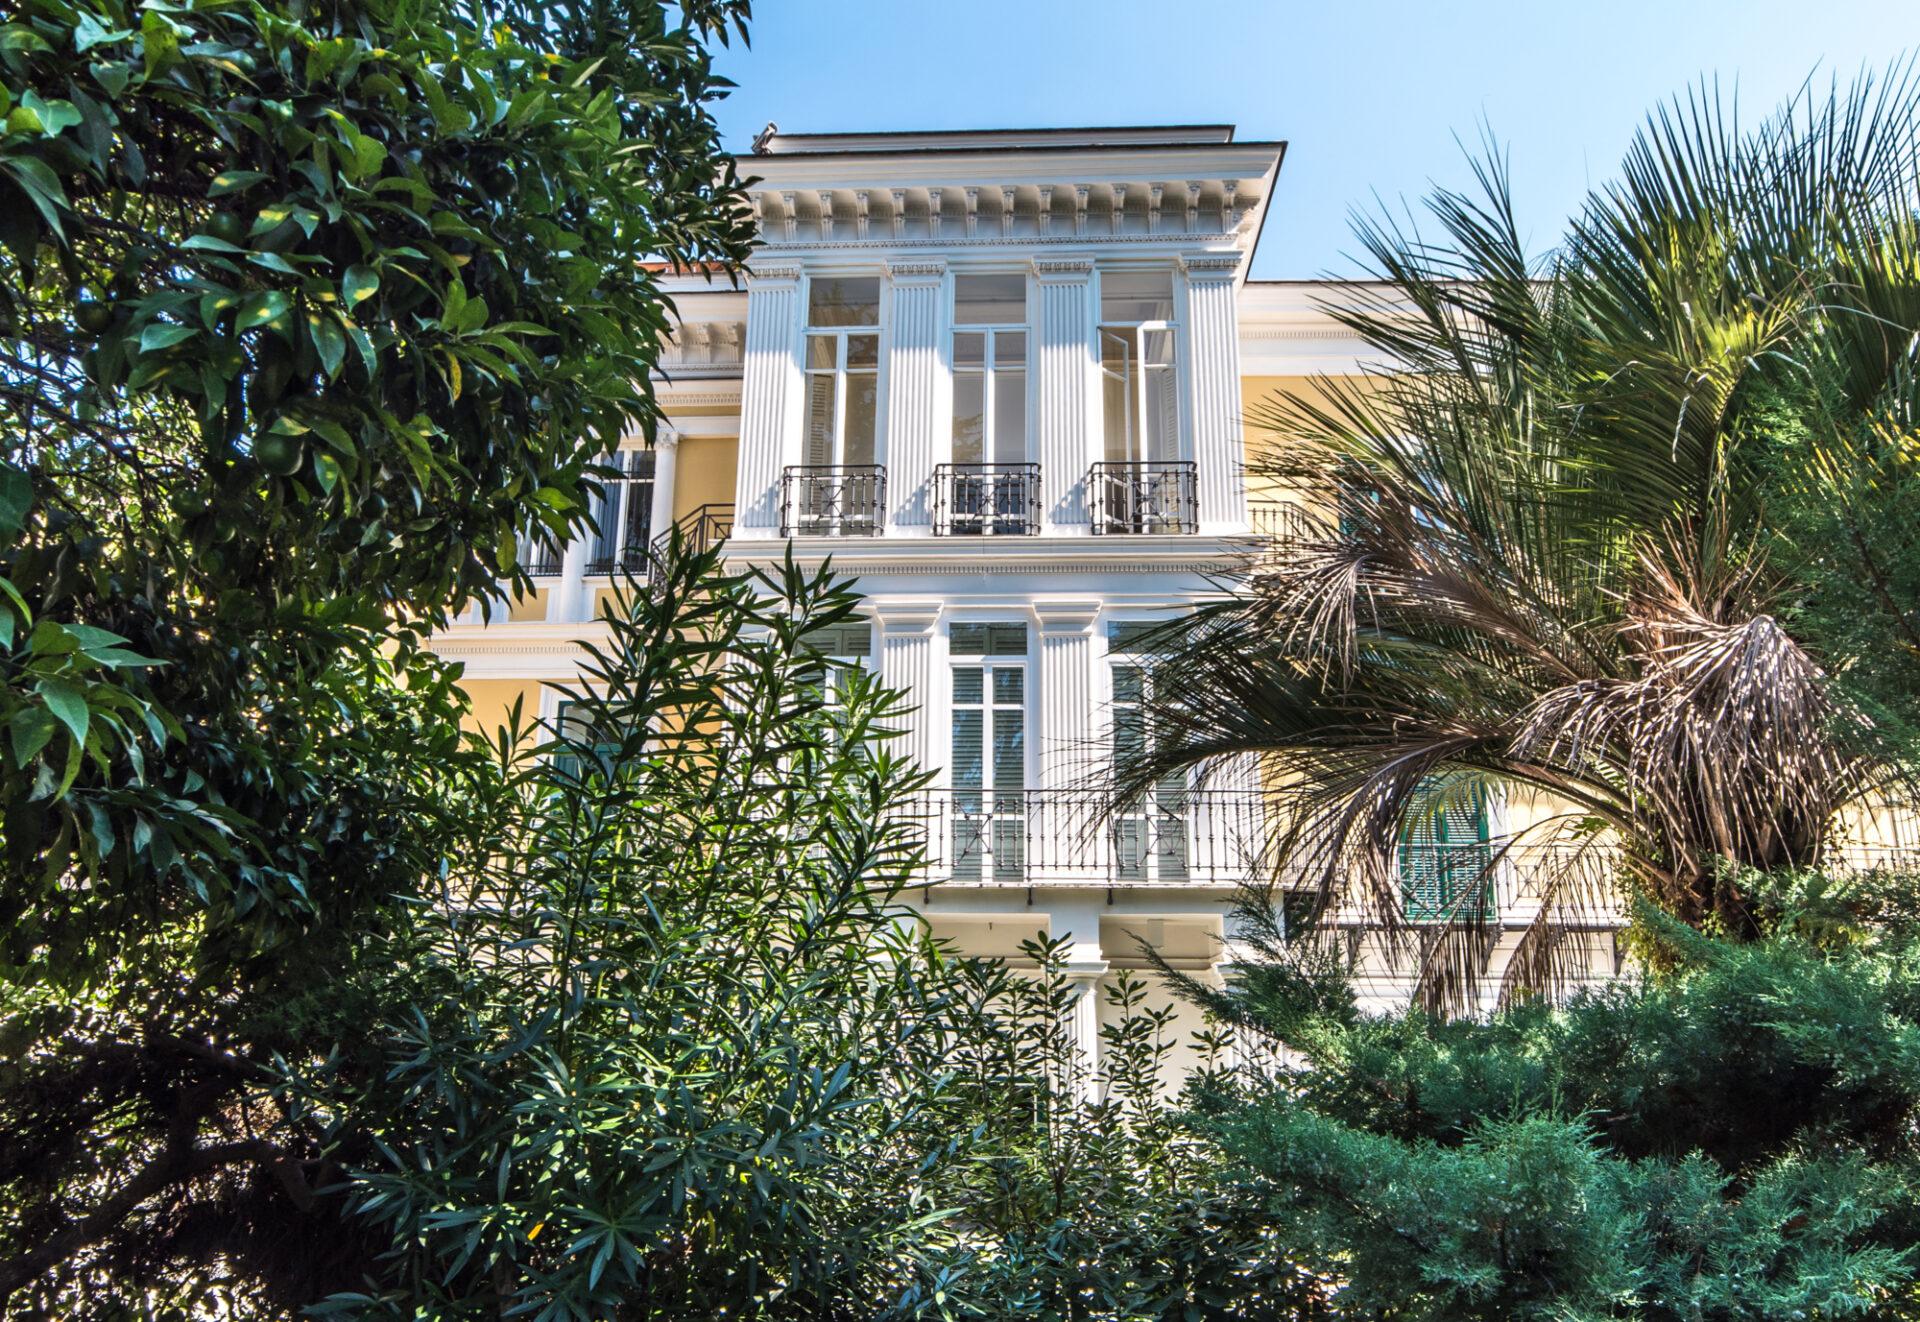 Pontano 44 Napoli - Facciata - Immobili Cittamoderna